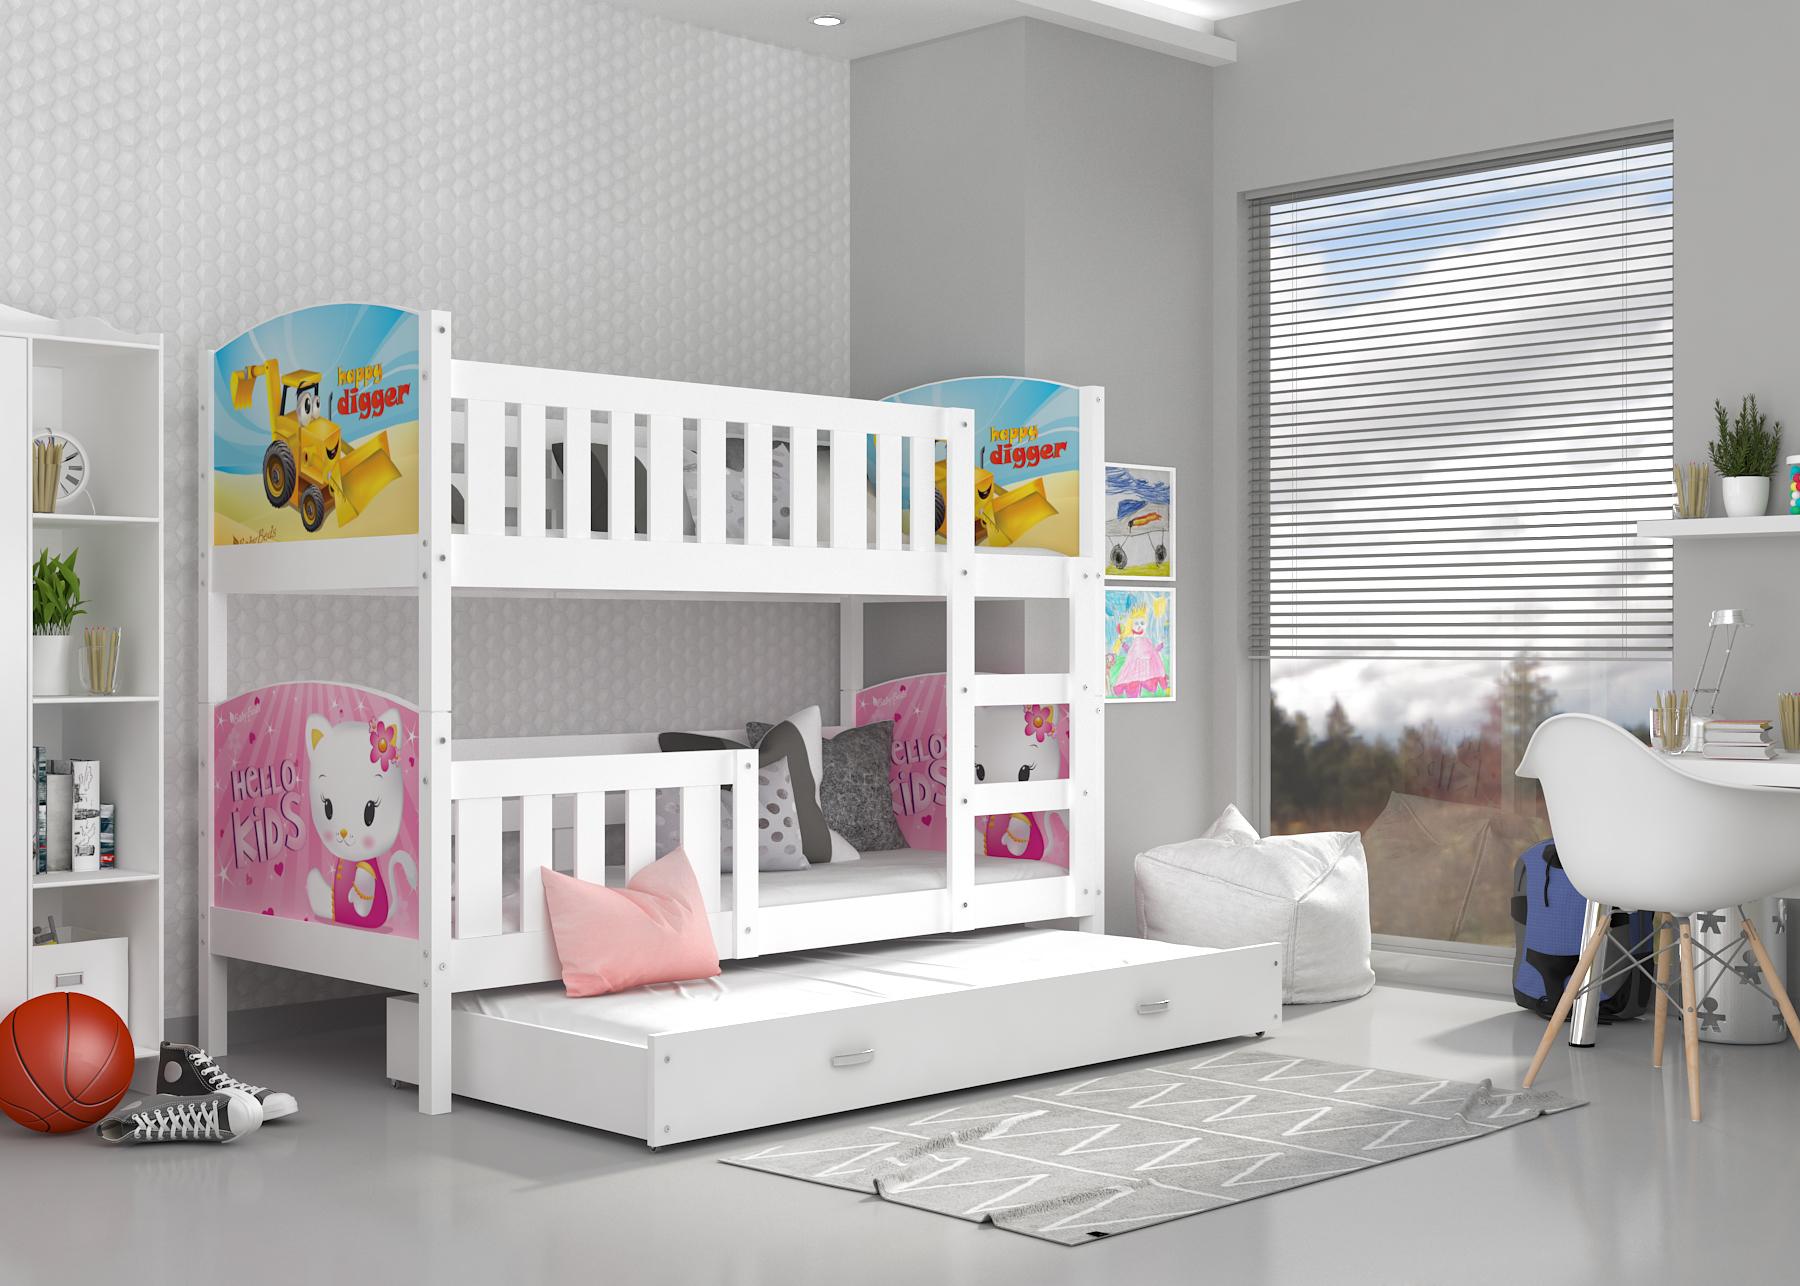 ArtAJ Detská poschodová posteľ Tami 3 / biela Tami rozmer: 190 x 80 cm + prístelka 184 x 80 cm, Tami typ: bez matraca